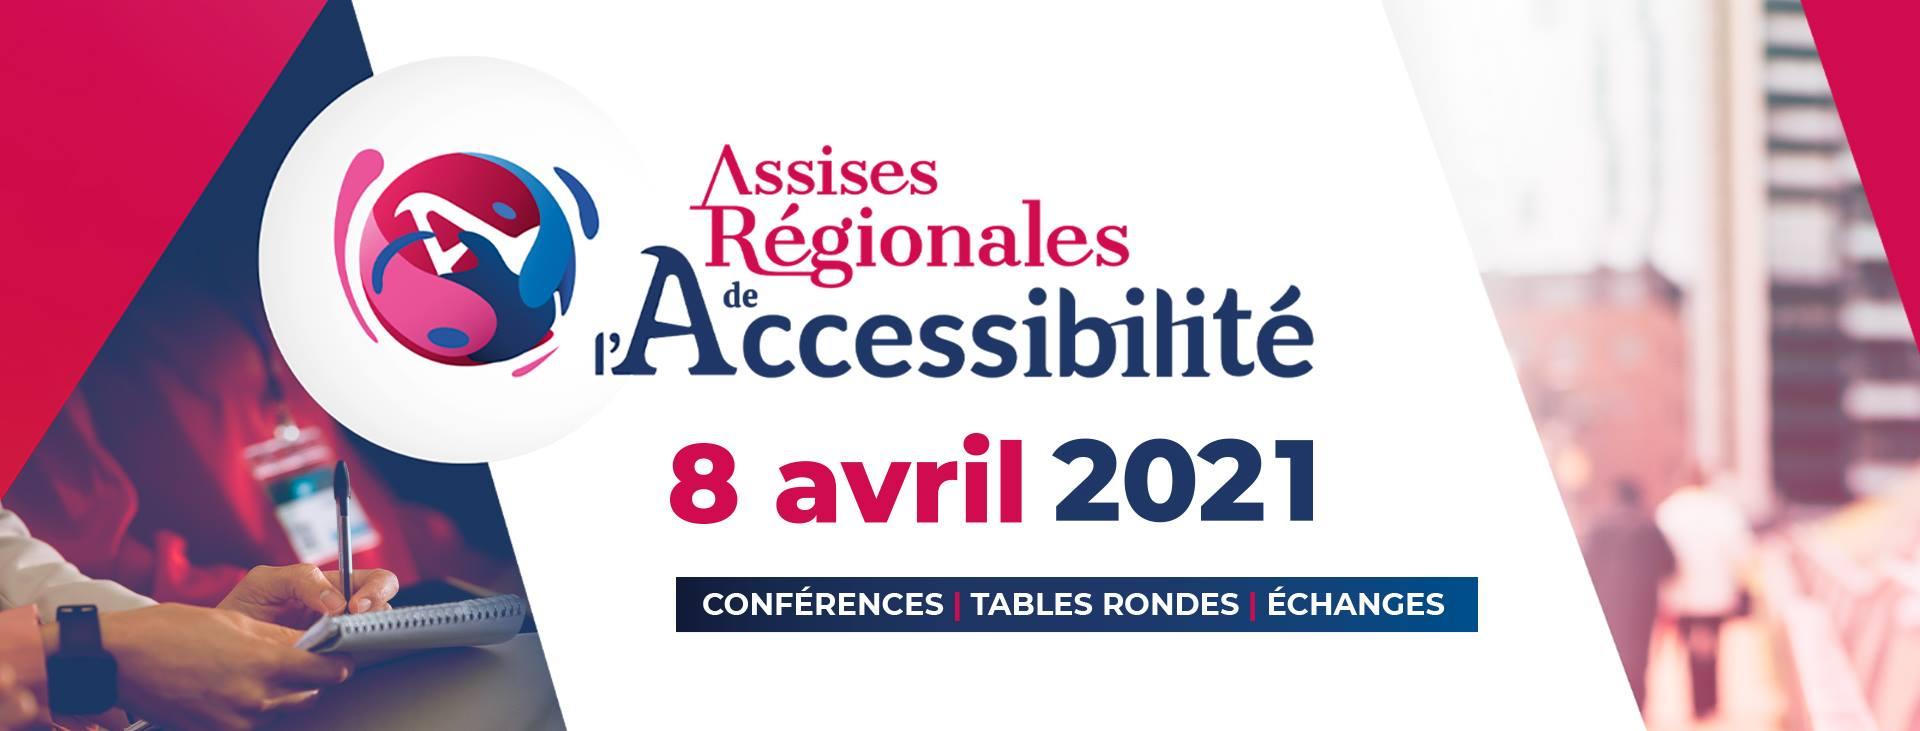 Visuel des Assises Régionales de l'Accessibilité qui se tiendront le 8 avril 2021 à Rennes